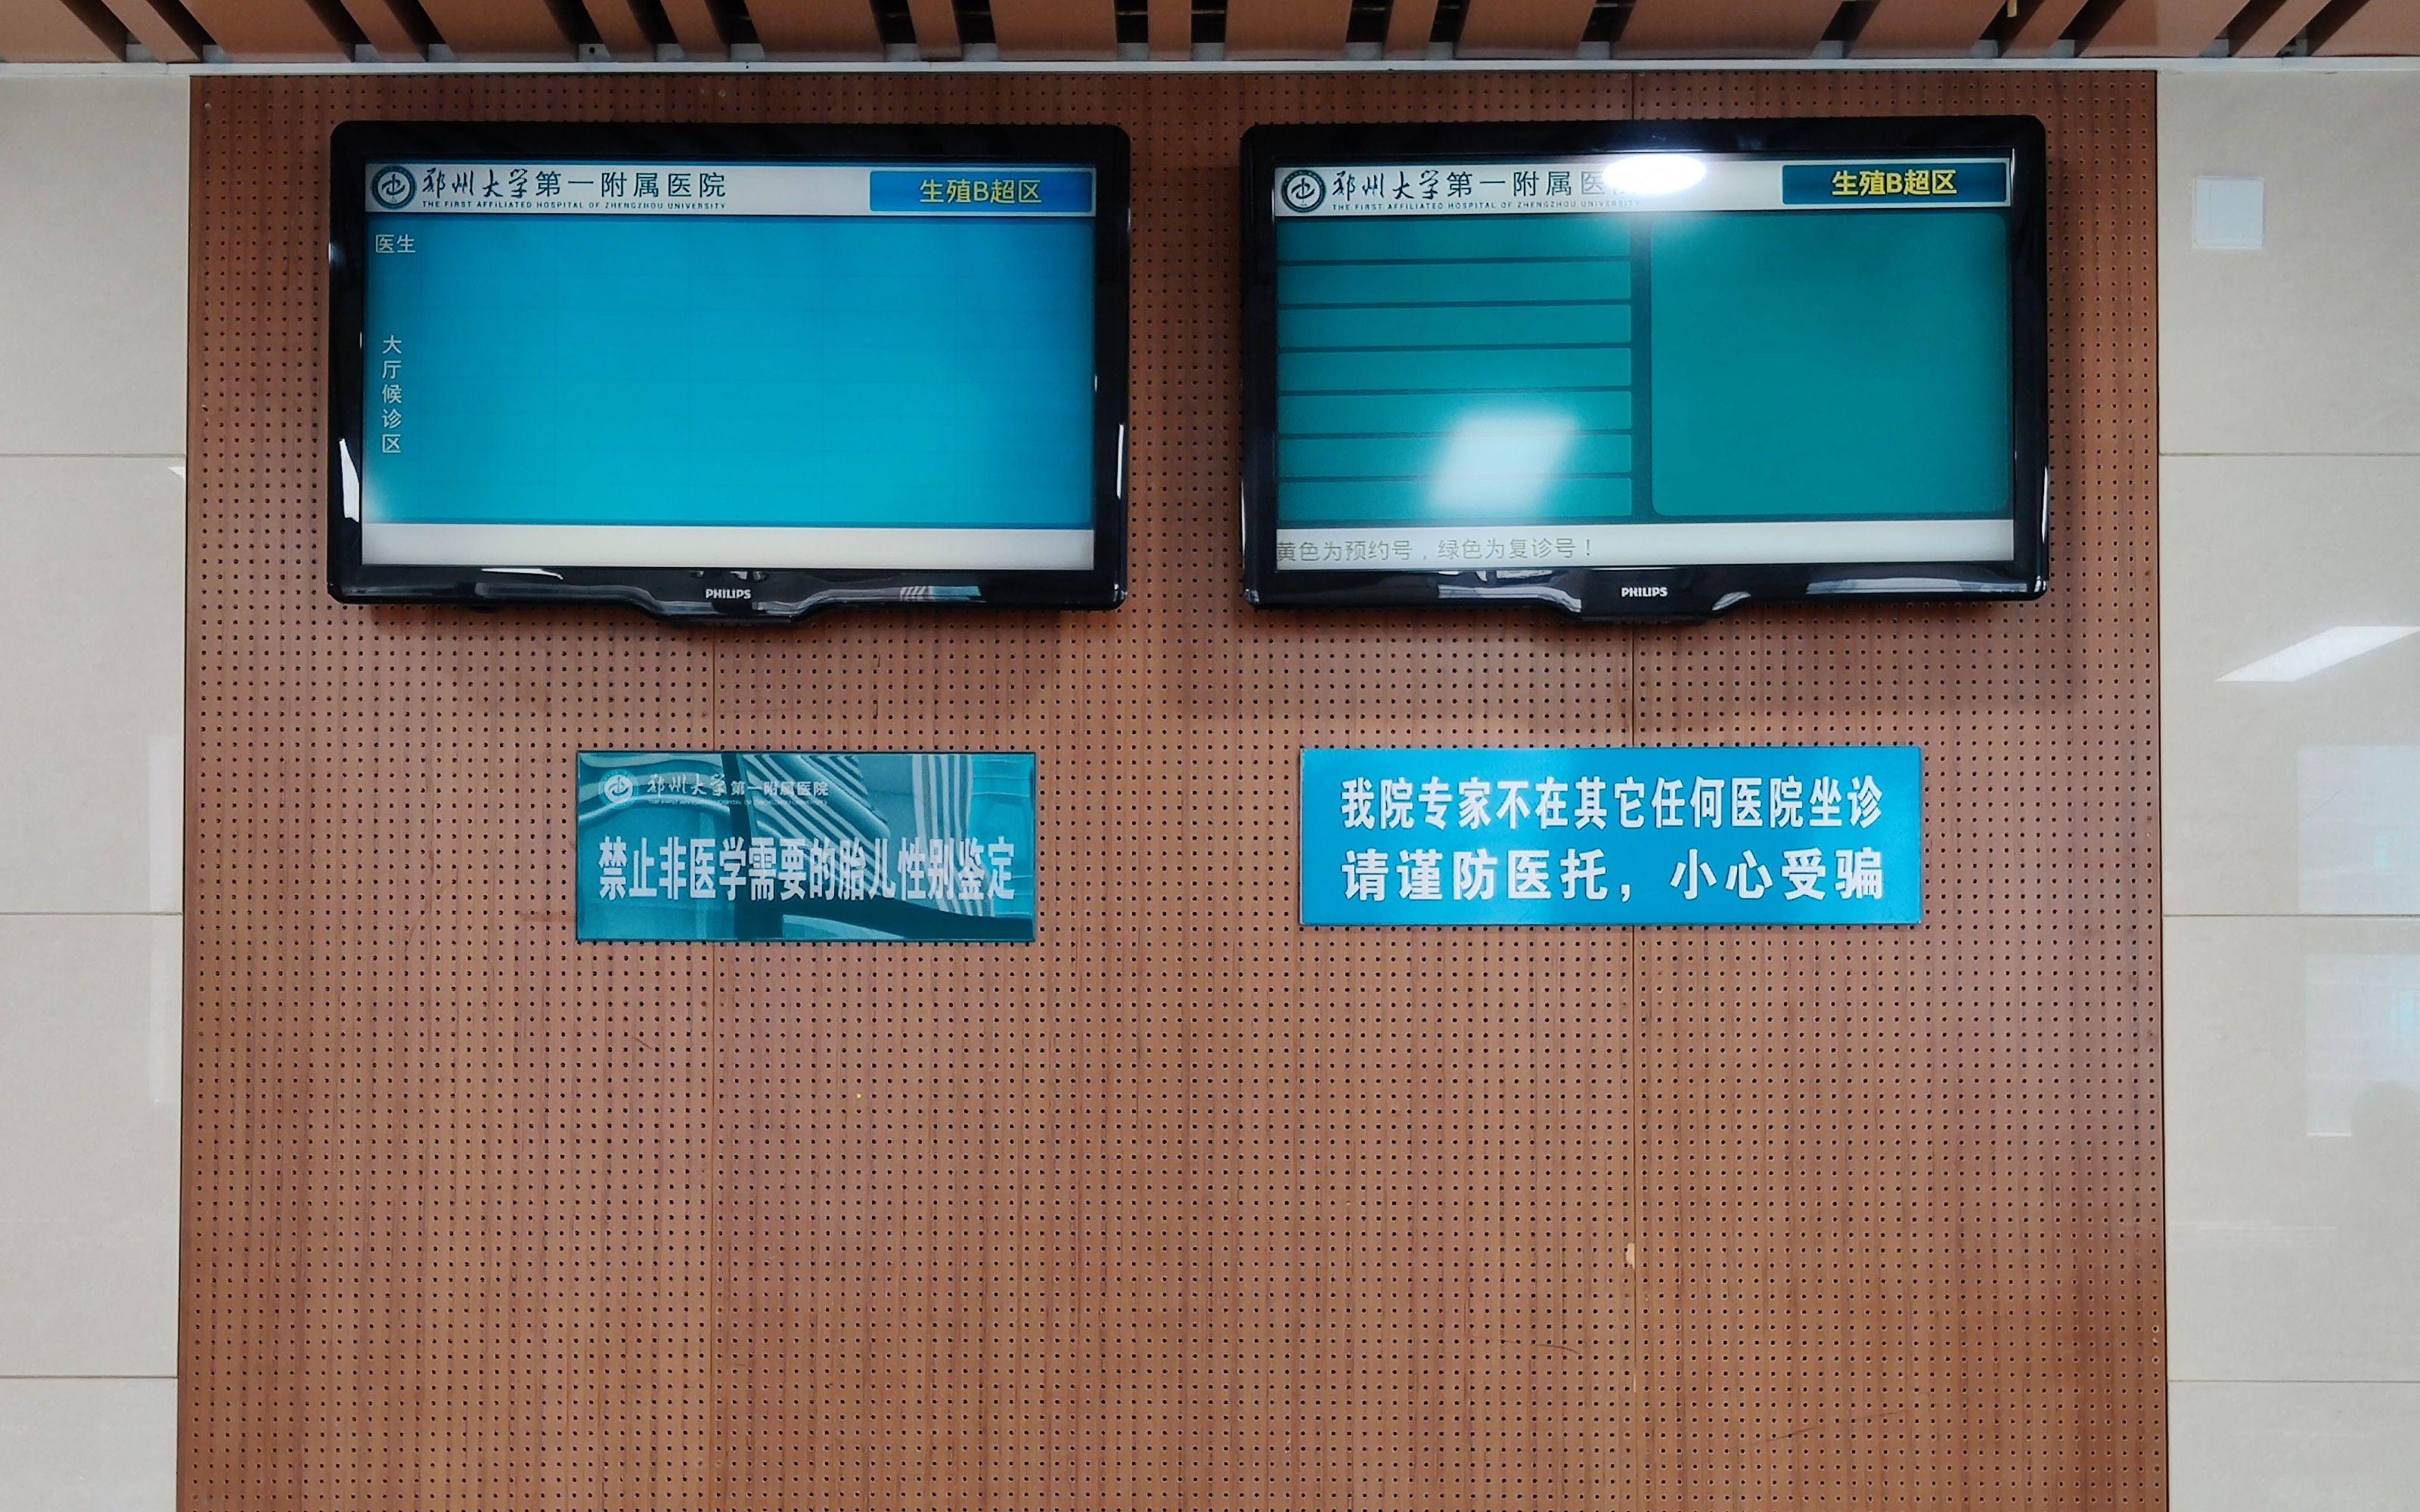 郑大一附院生殖中心内张贴的警示公告。新京报记者 吴小飞 摄